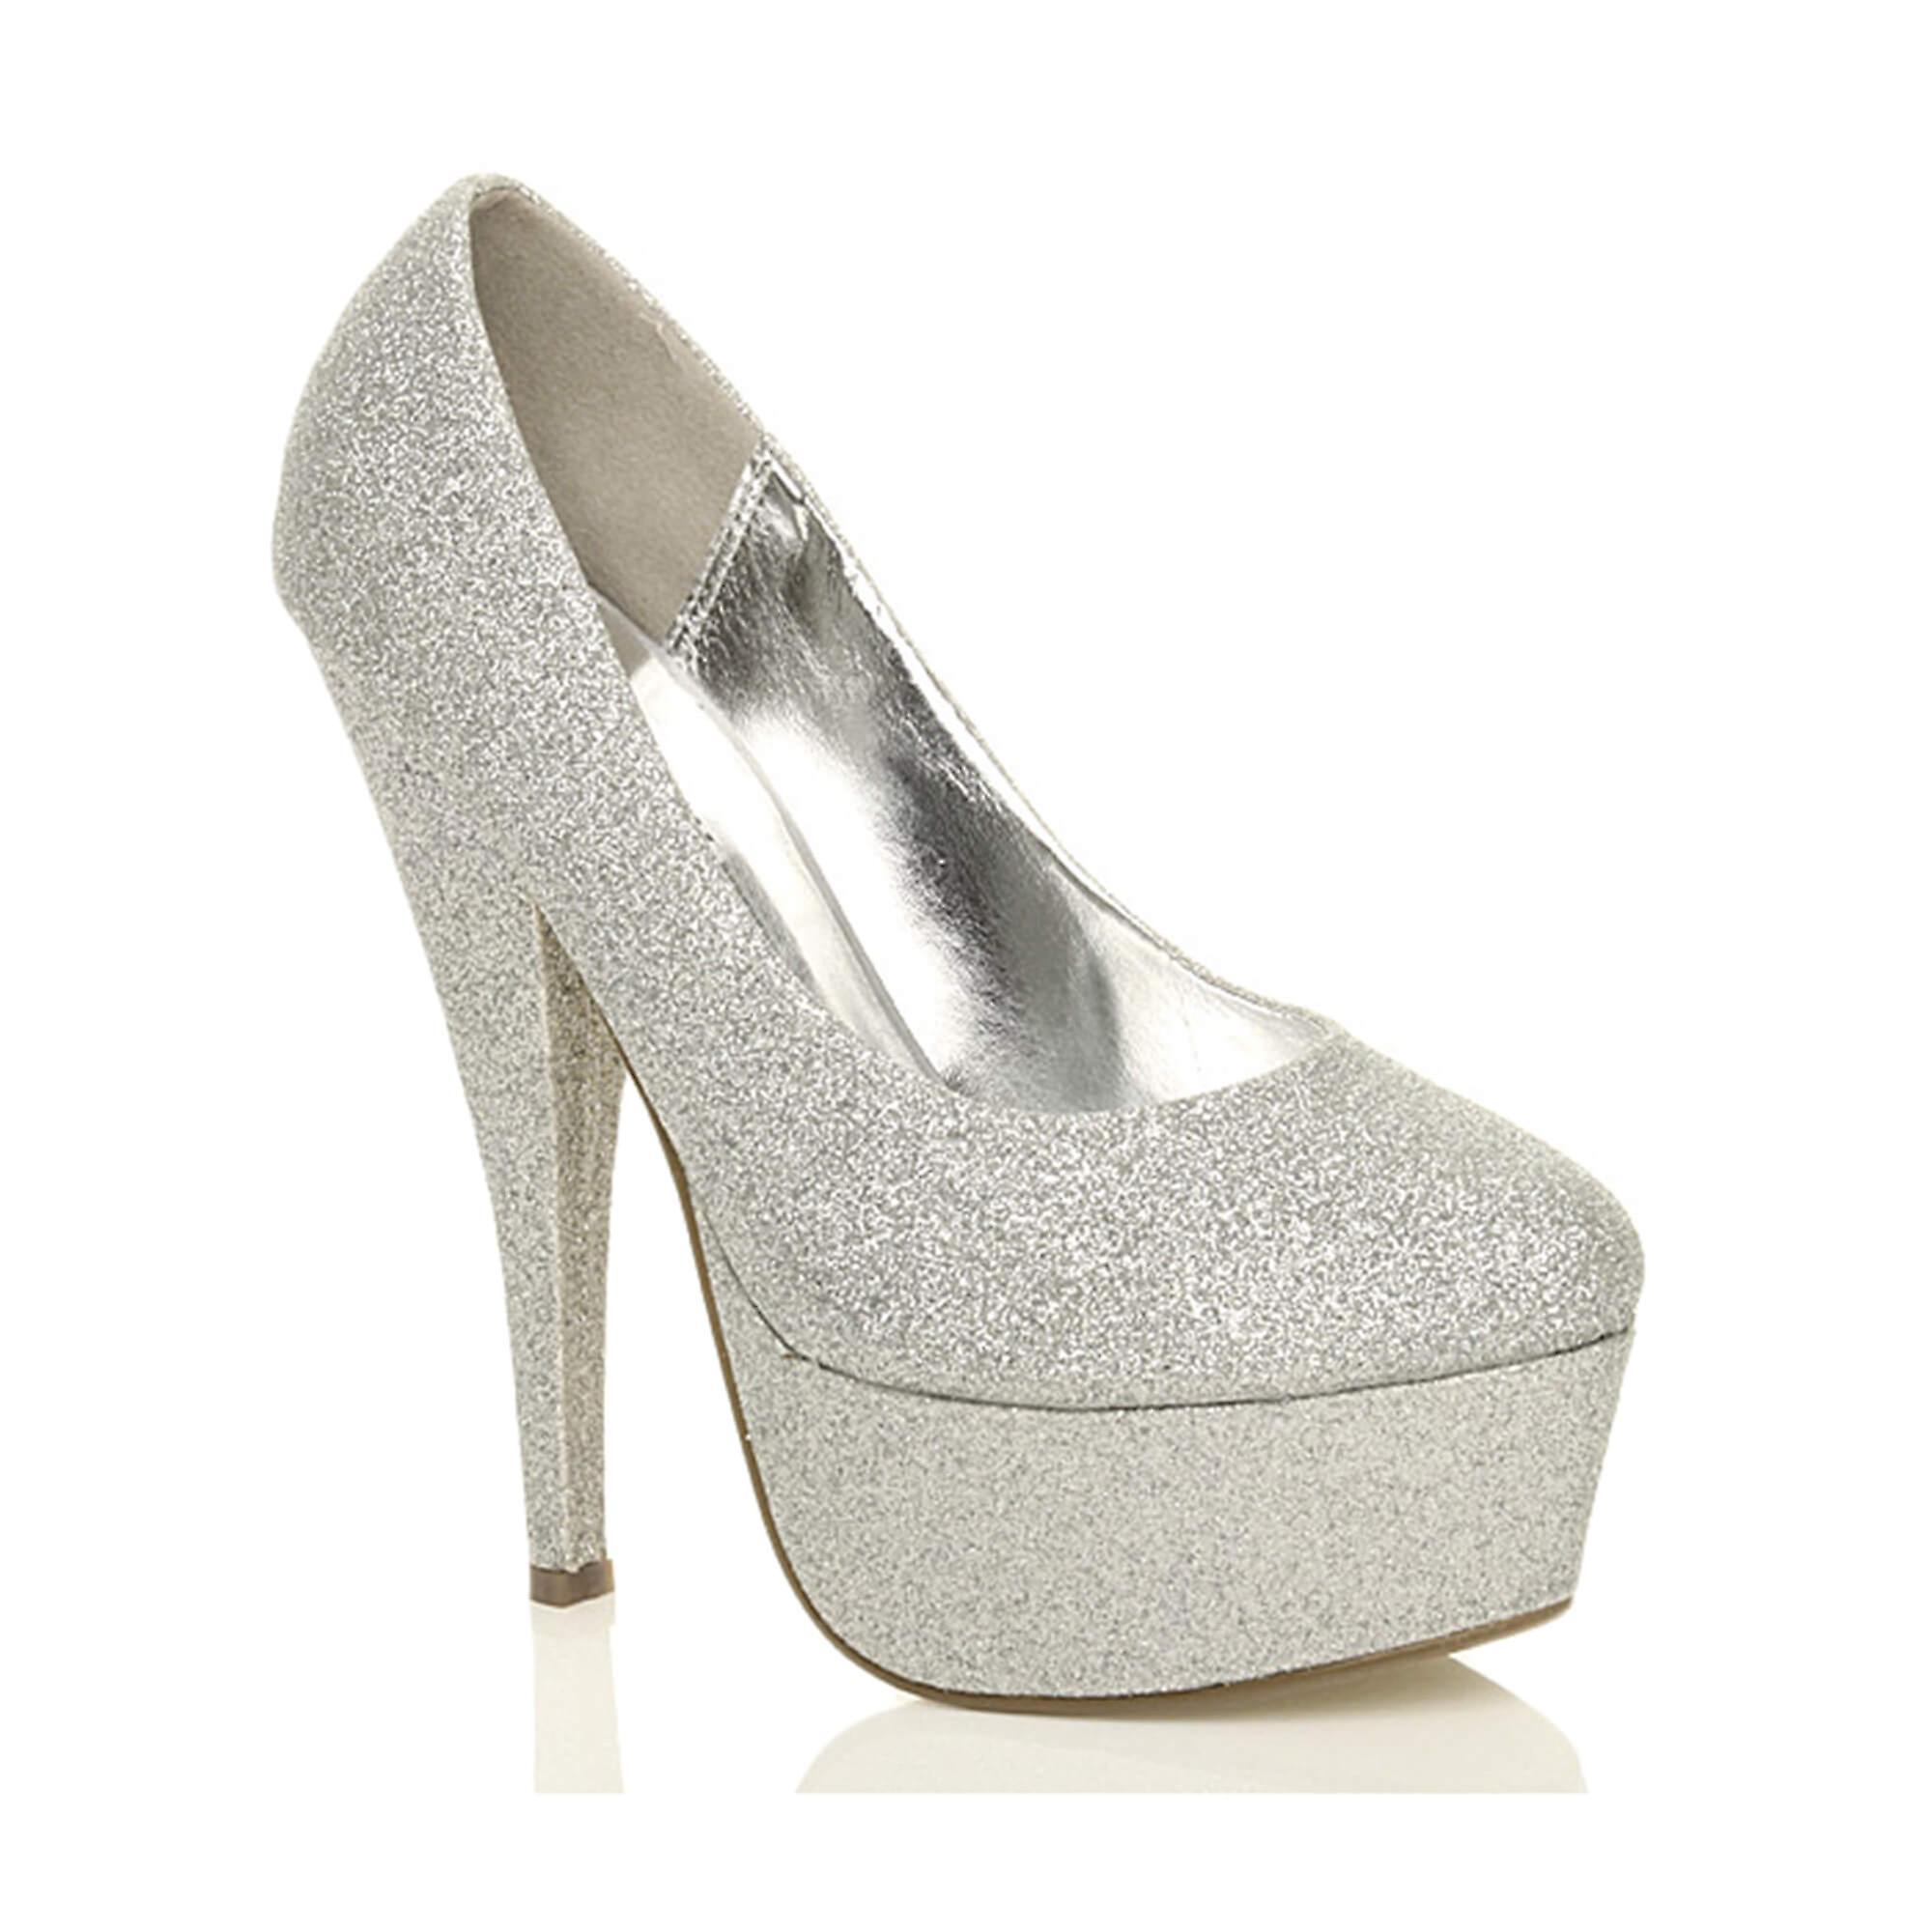 afc8c2fdfaf9 Ajvani womens platform high heel glitter party evening court shoes pumps